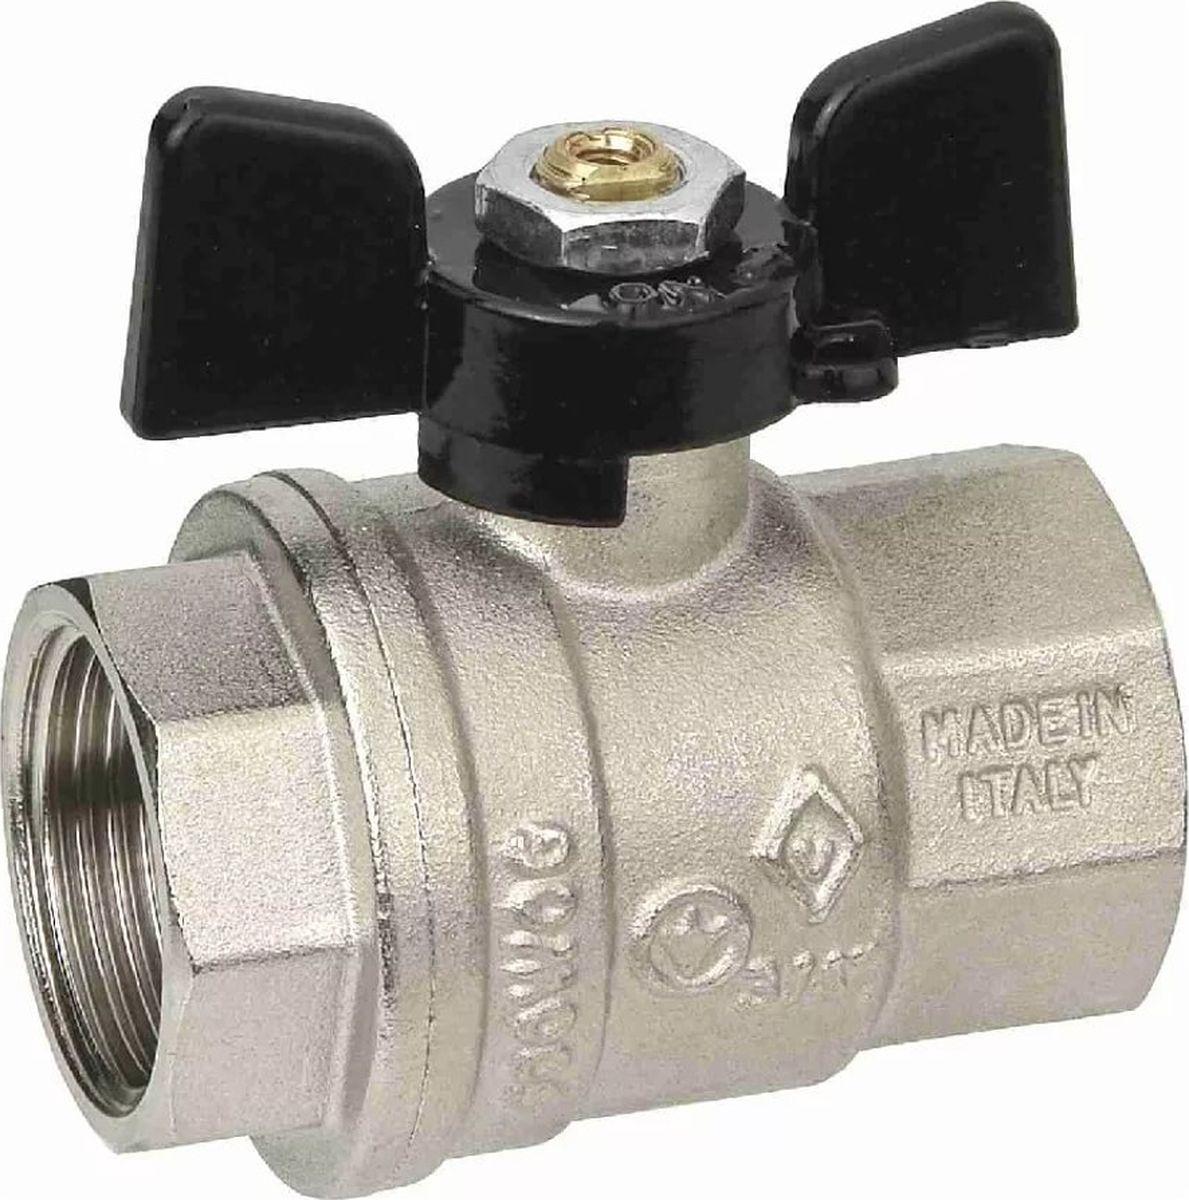 Кран шаровый Bugatty New Jersey 900, 3/4 в/в бант. 9120005 оборудование для систем отопления и водоснабжения продаю новосибирск